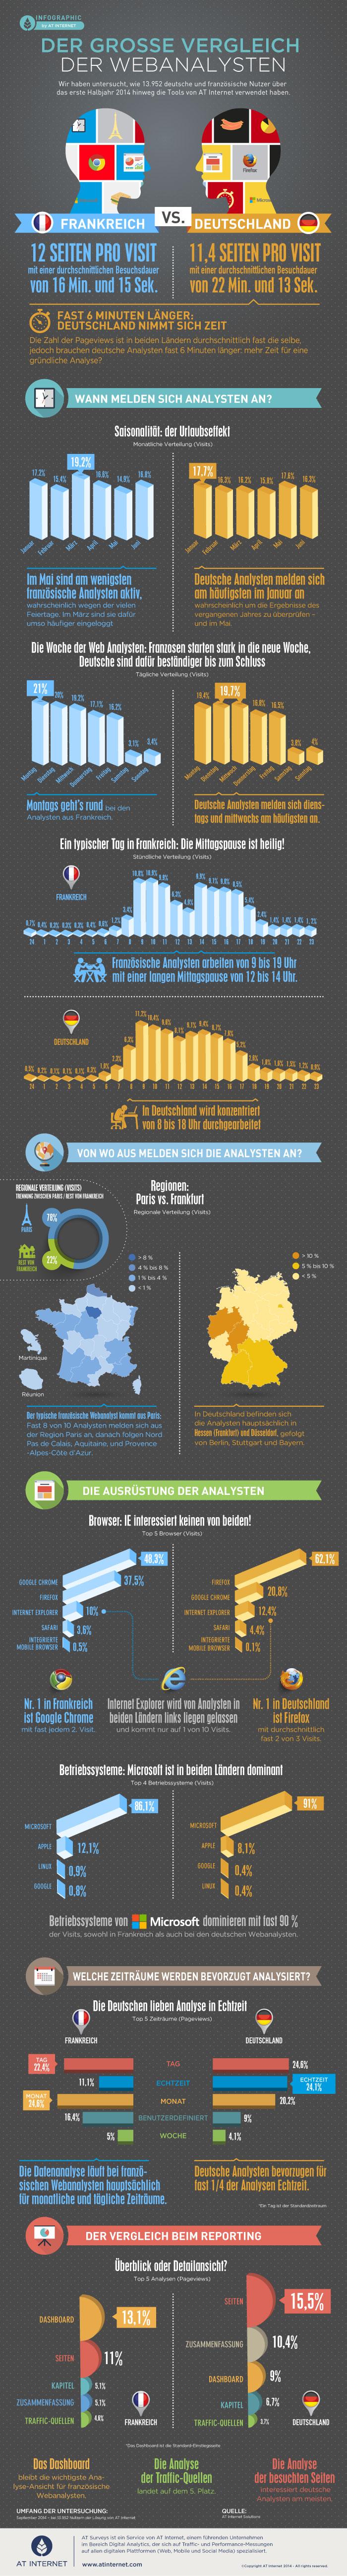 Frankreich vs. Deutschland das Match der Webanalysten 2015